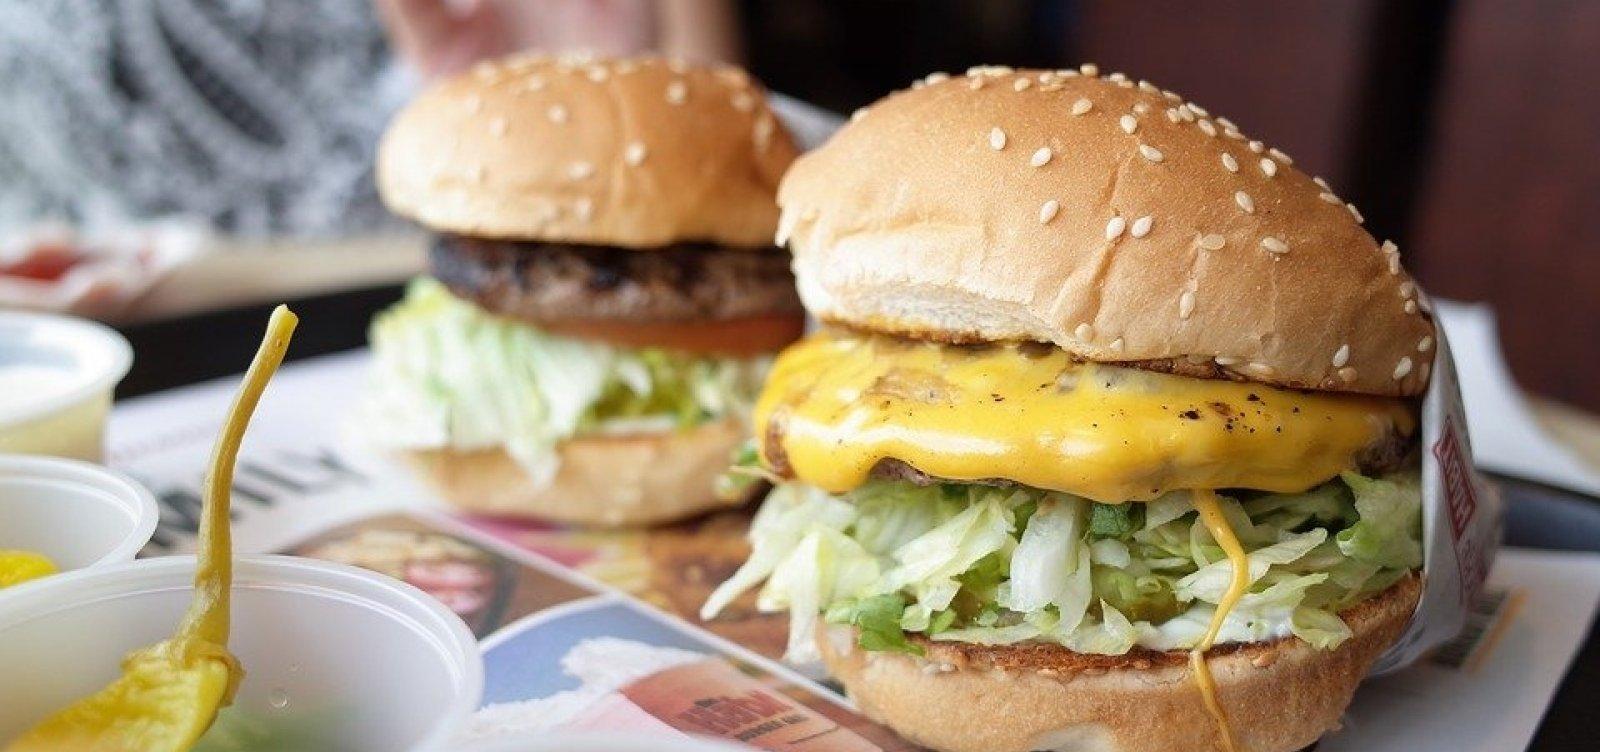 Ministério da Saúde lança campanha de prevenção à obesidade infantil